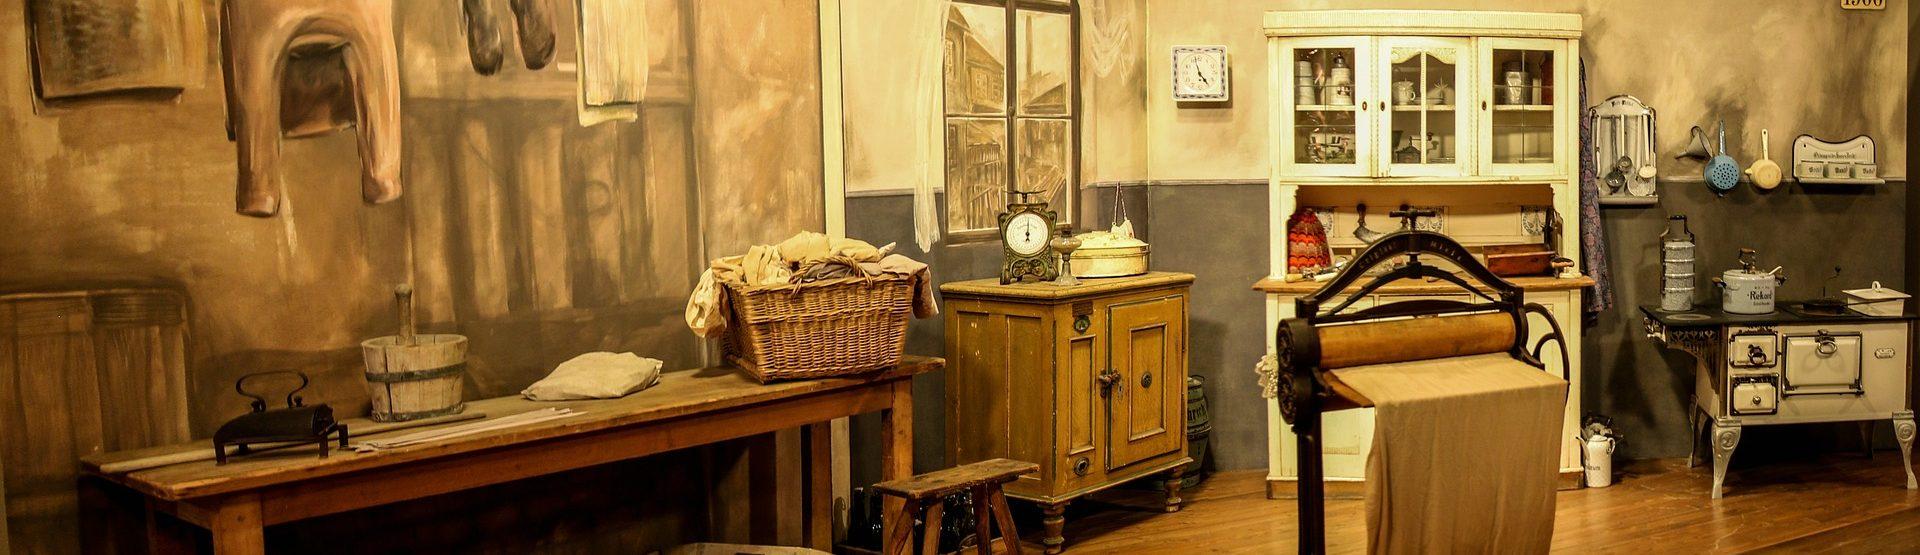 relooking de meubles anciens soyez moderne avec de l. Black Bedroom Furniture Sets. Home Design Ideas